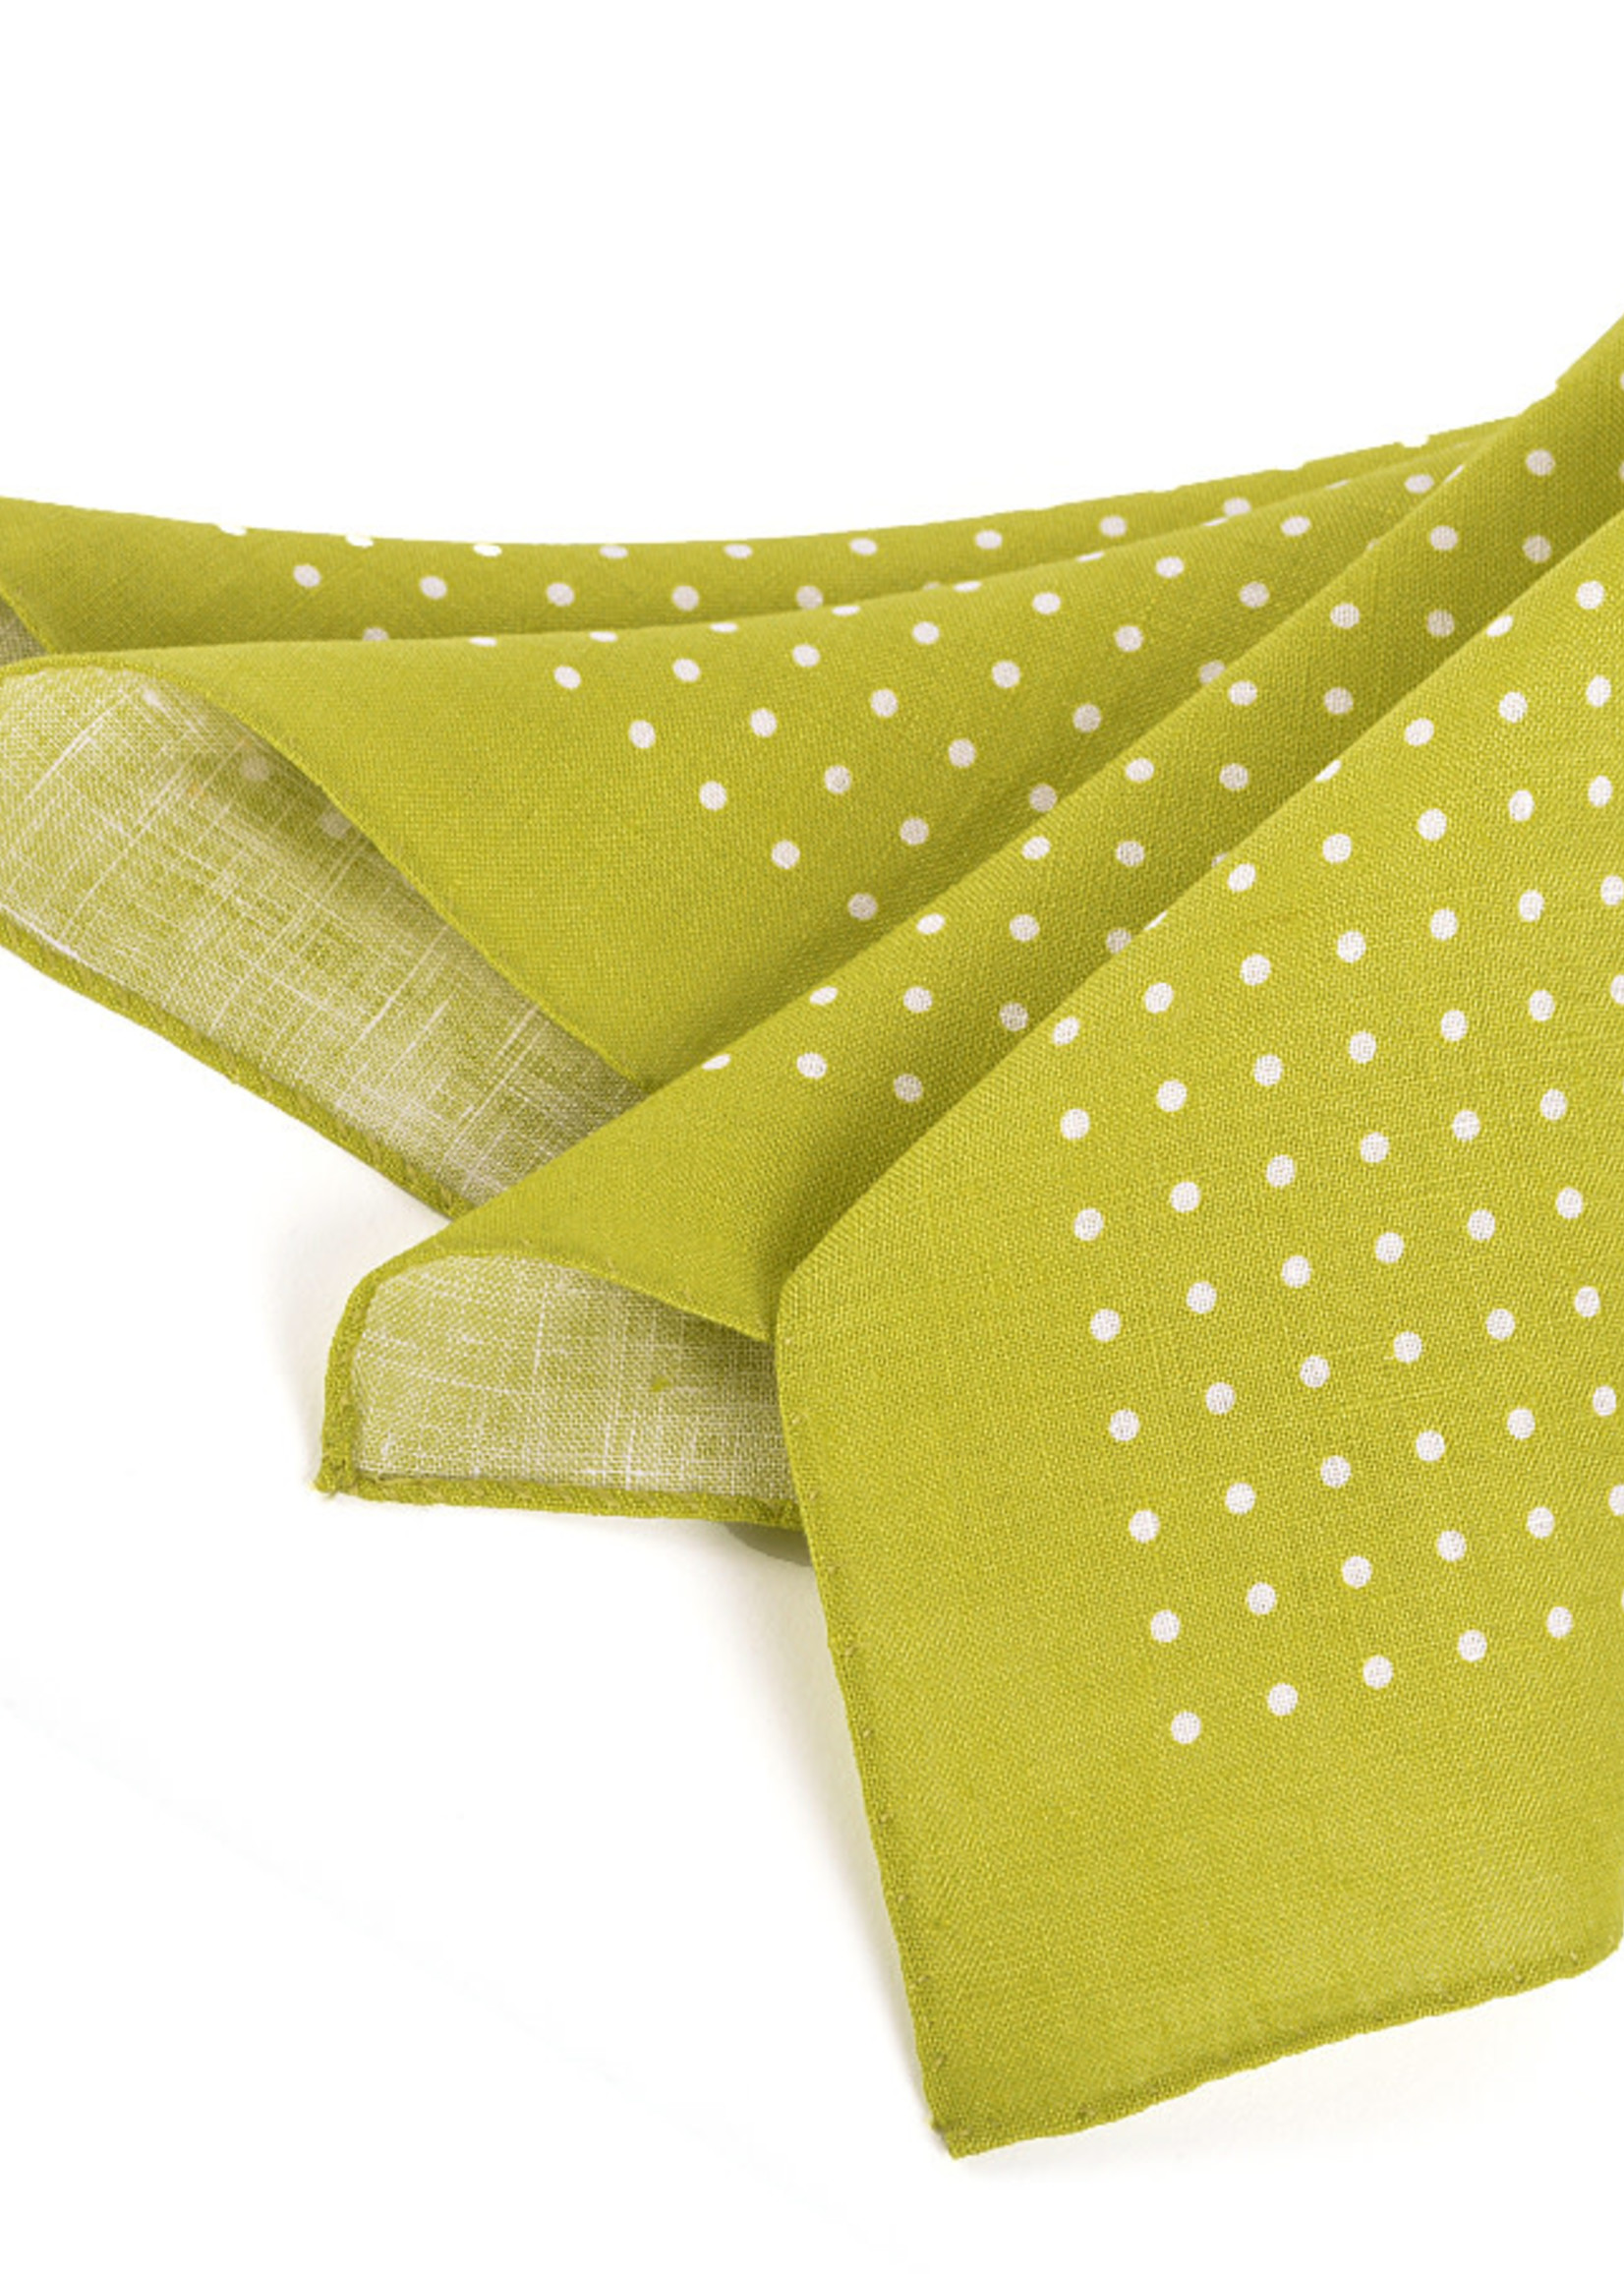 Dion Dion Polka Dot Linen Pocket Square Green